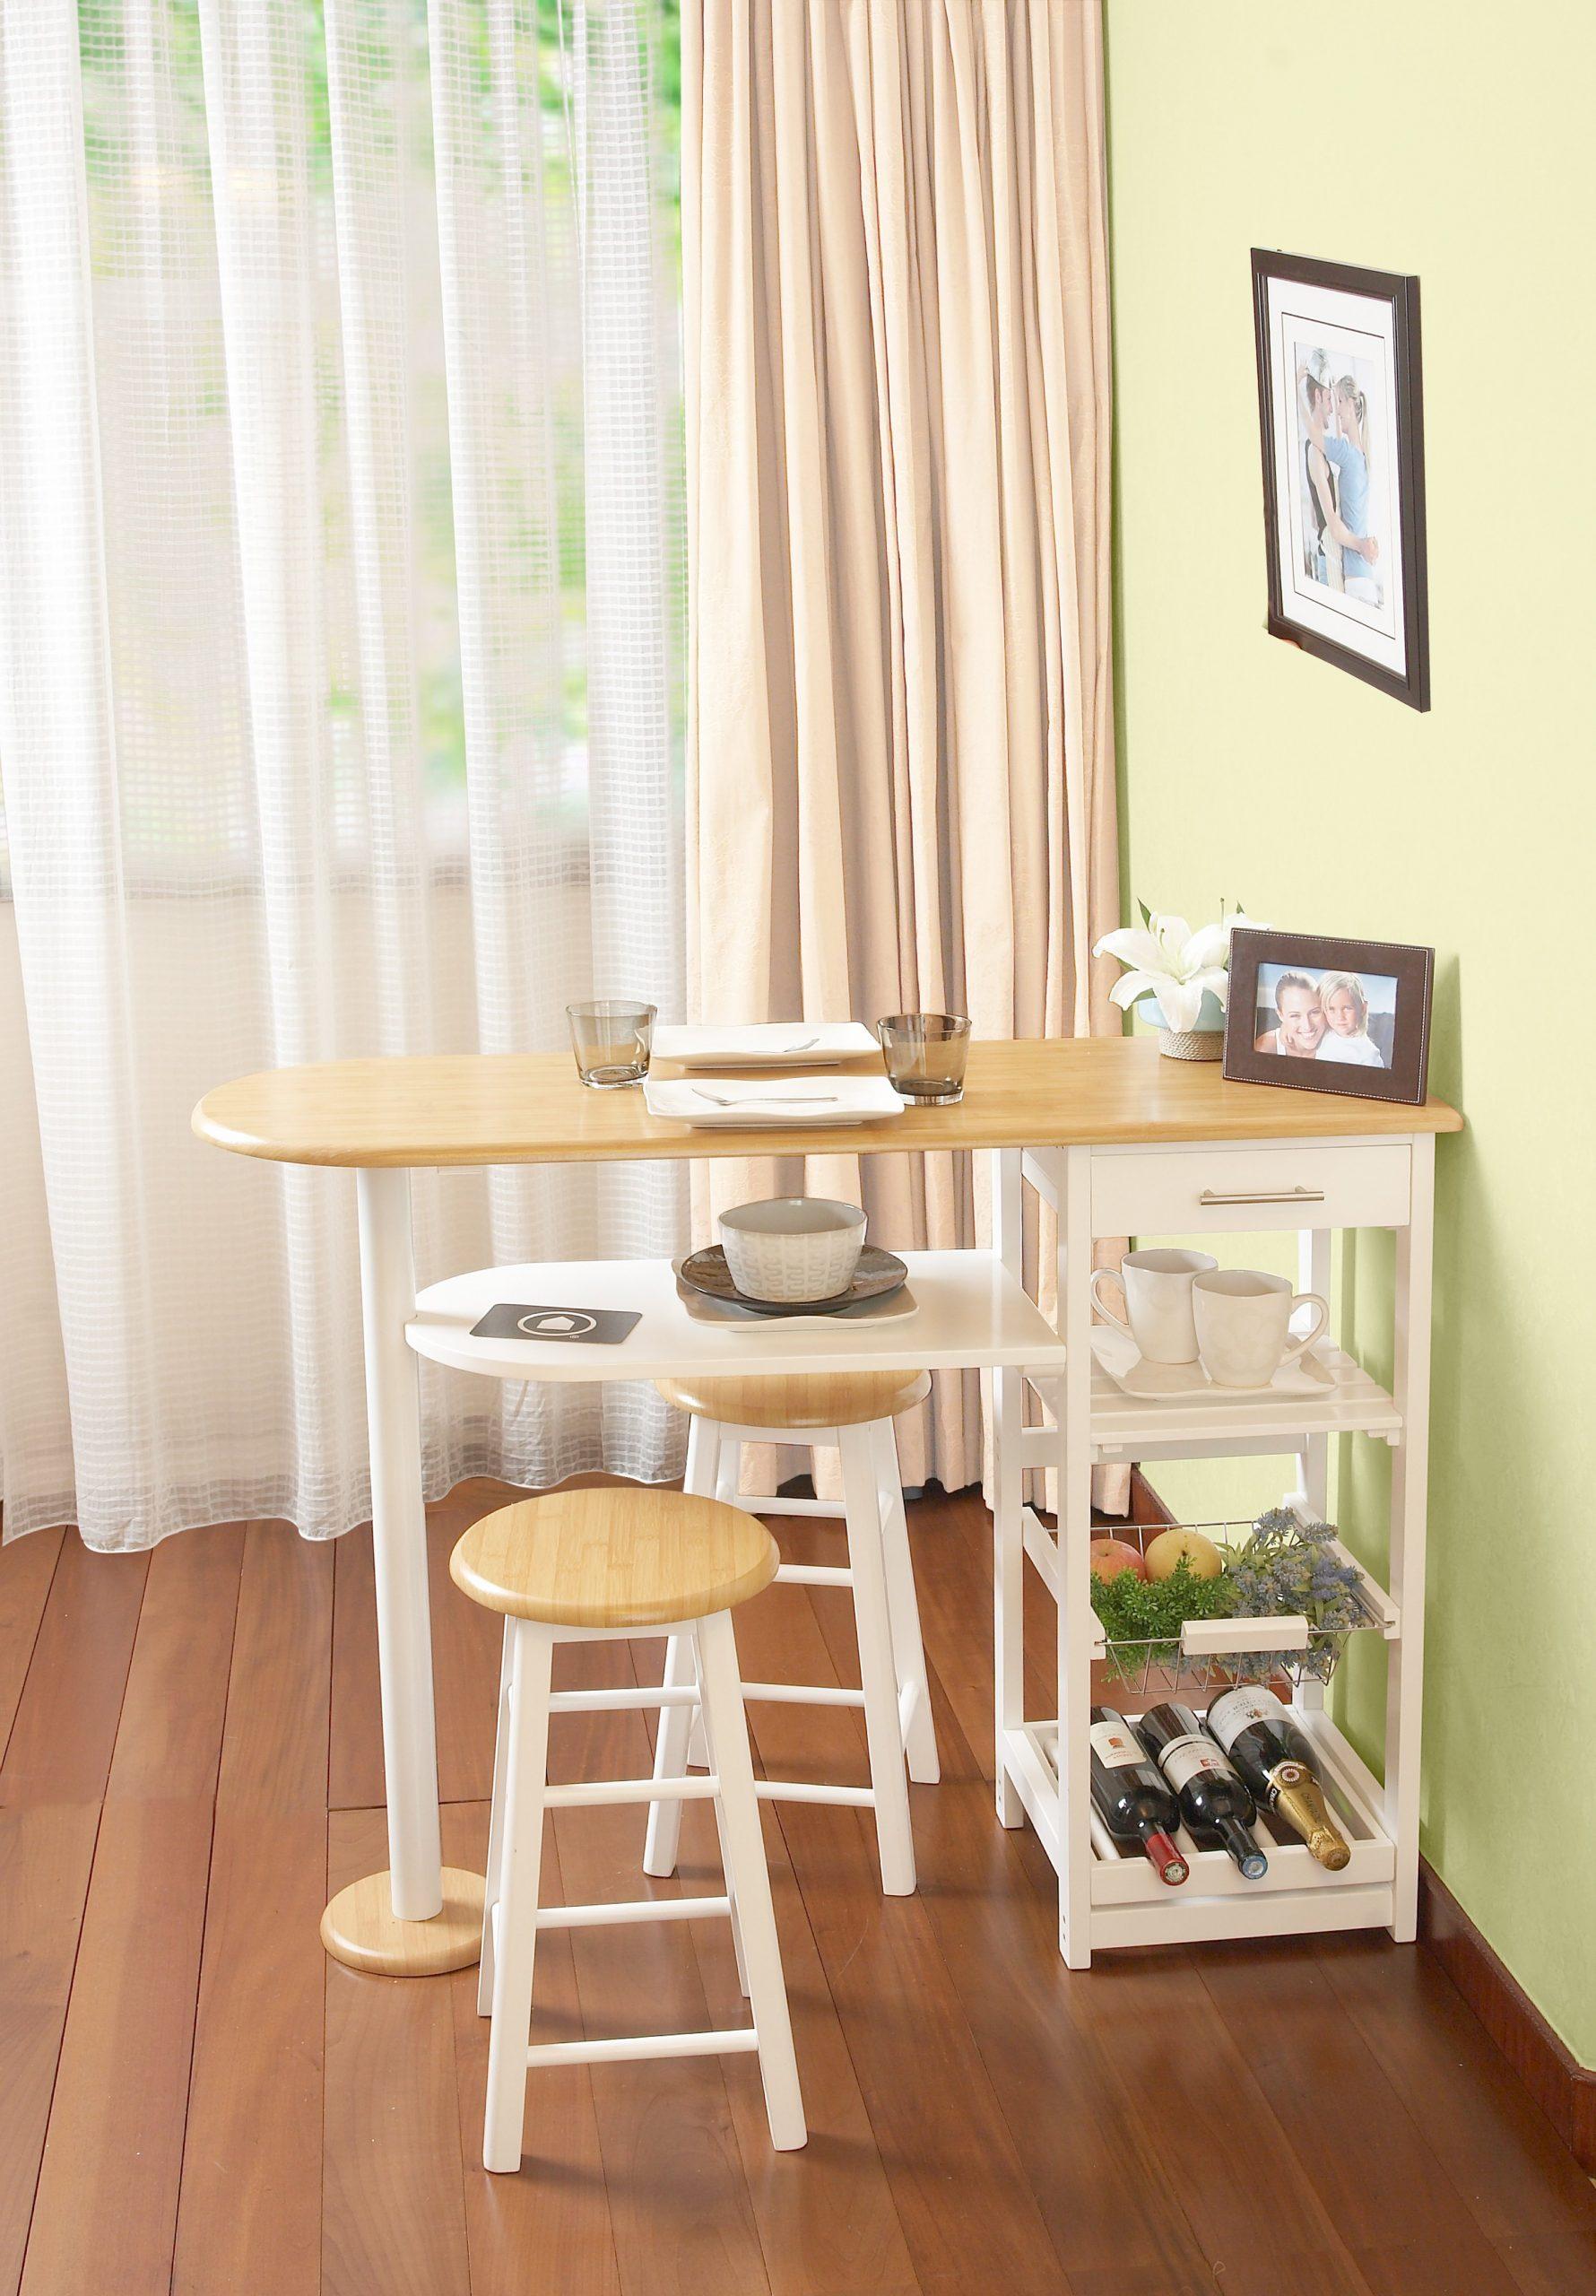 Full Size of Weiße Küche Bett 180x200 Komplett Mit Lattenrost Und Matratze Glaswand Möbelgriffe Eckküche Elektrogeräten Einbauküche Günstig Hängeschrank Höhe Küche Küche Mit Tresen